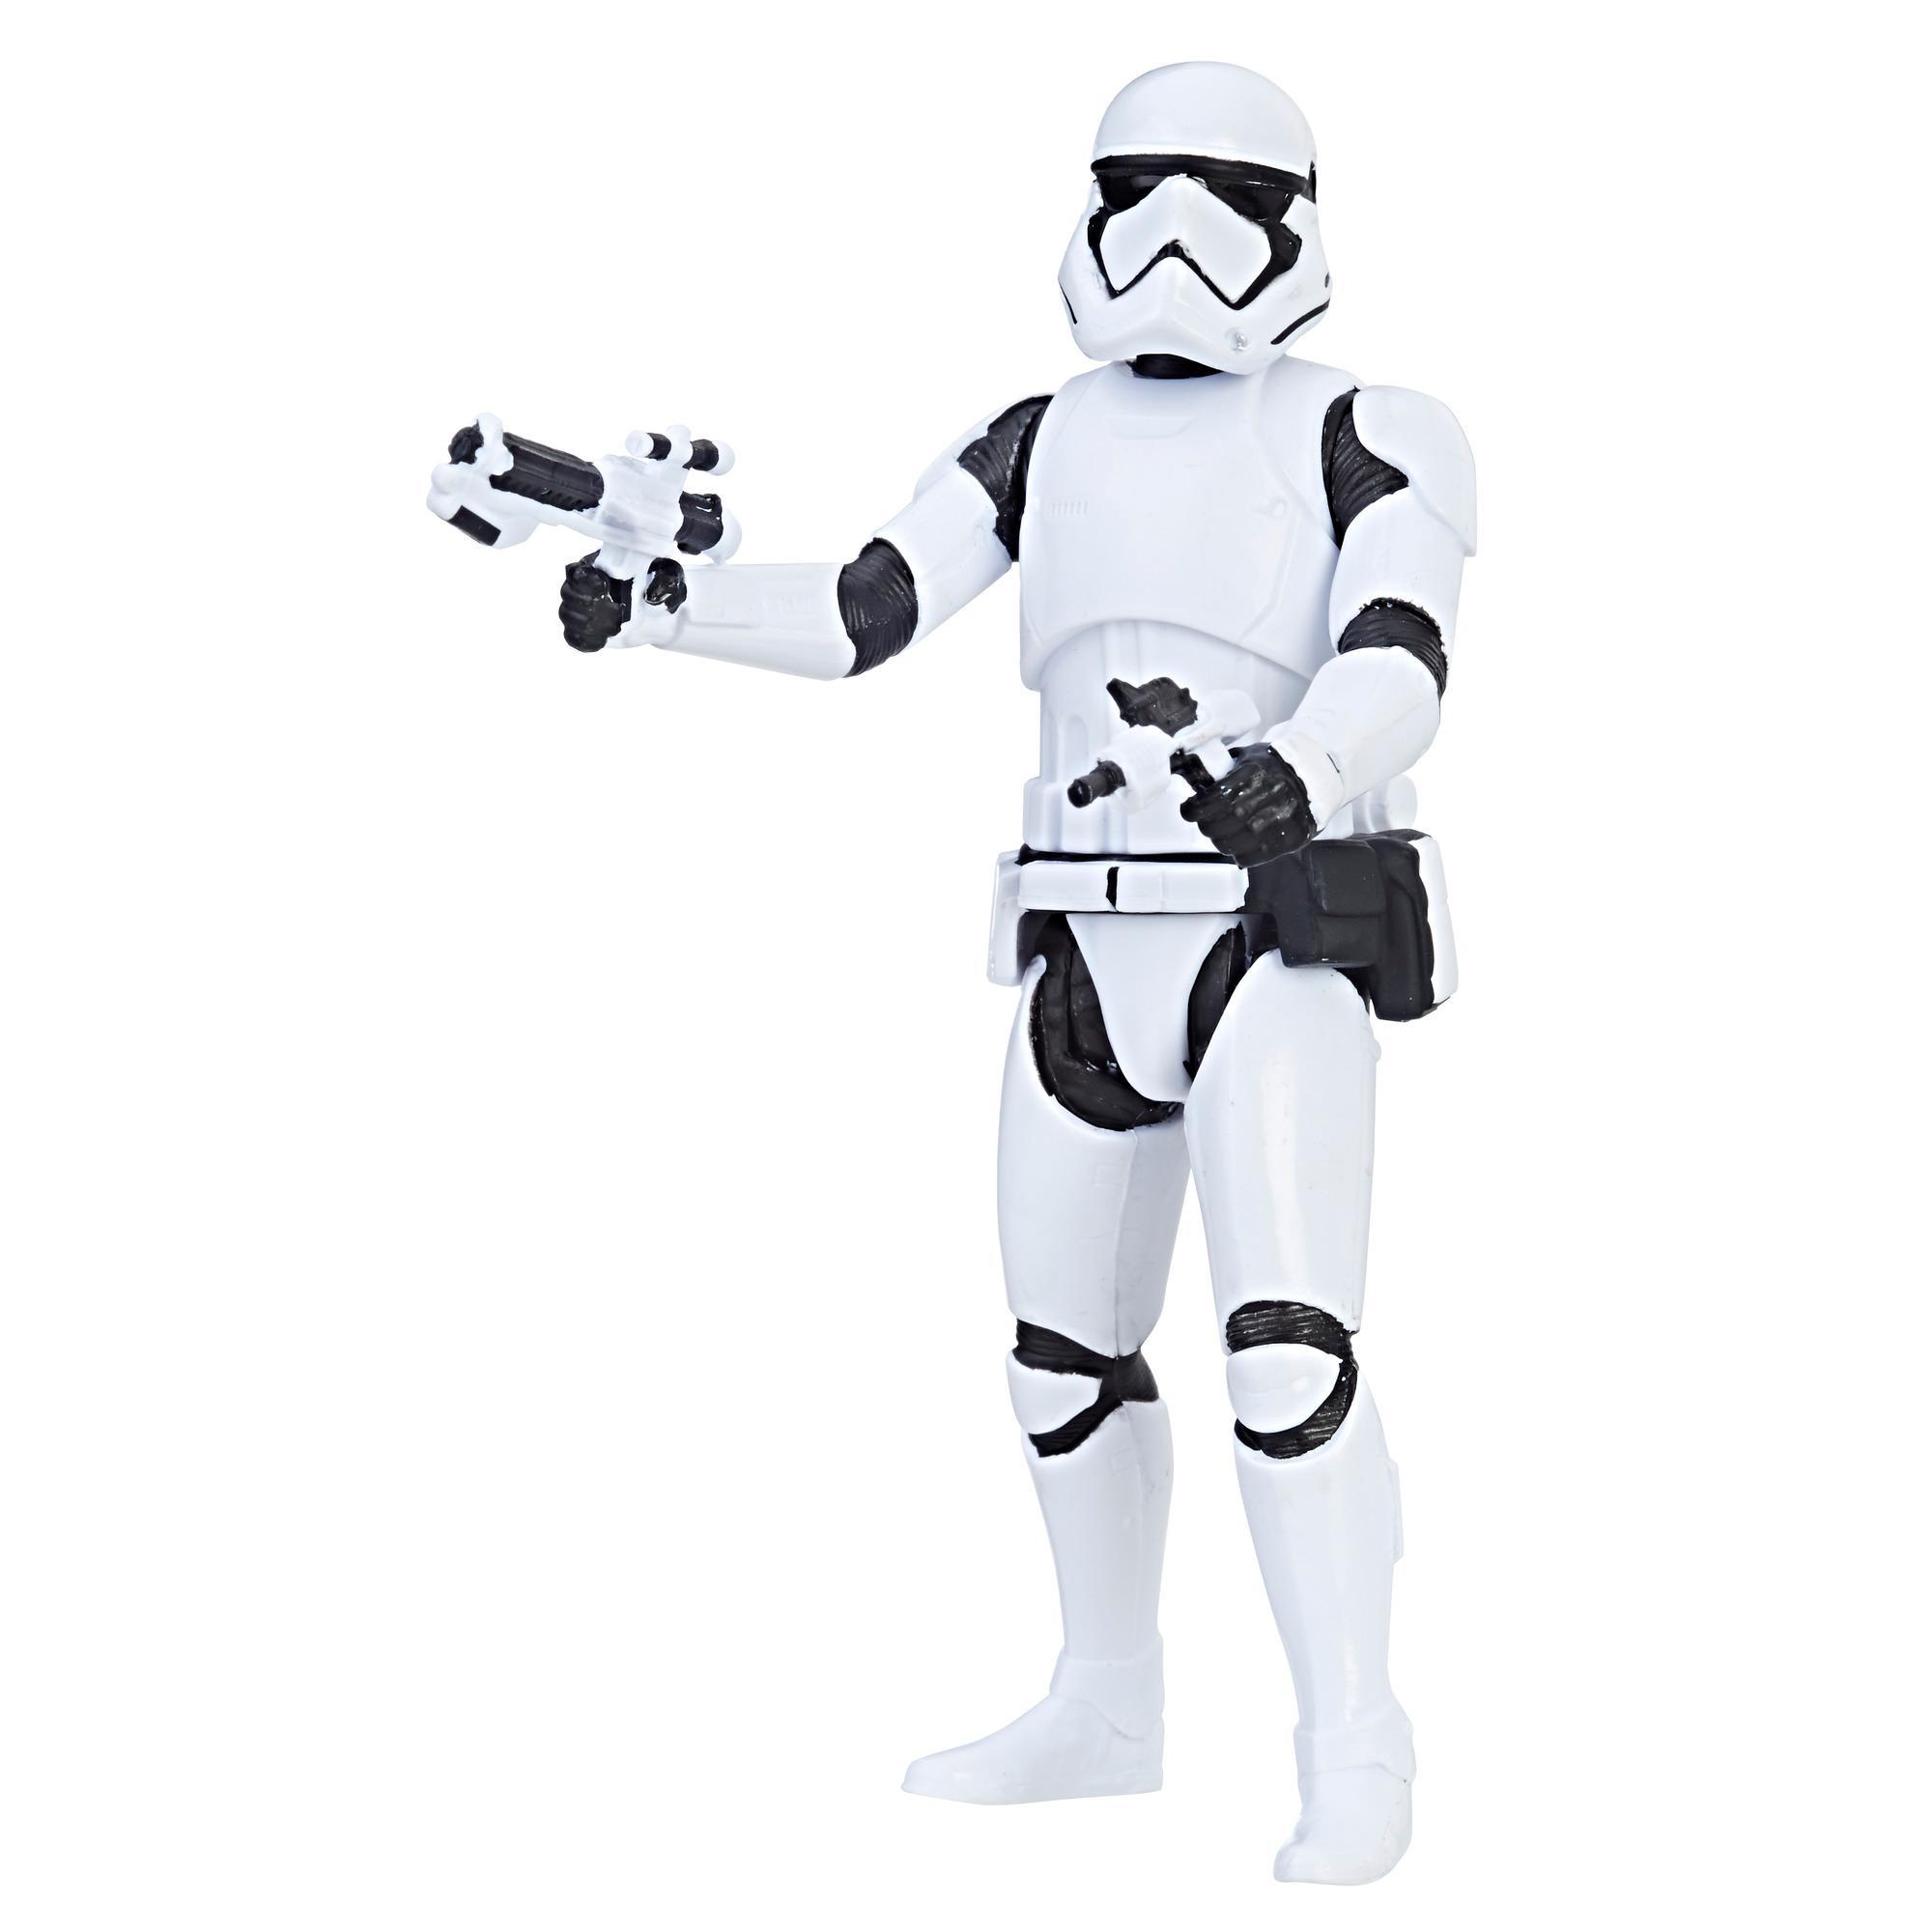 Figura Force Link Star Wars Stormtrooper da Primeira Ordem